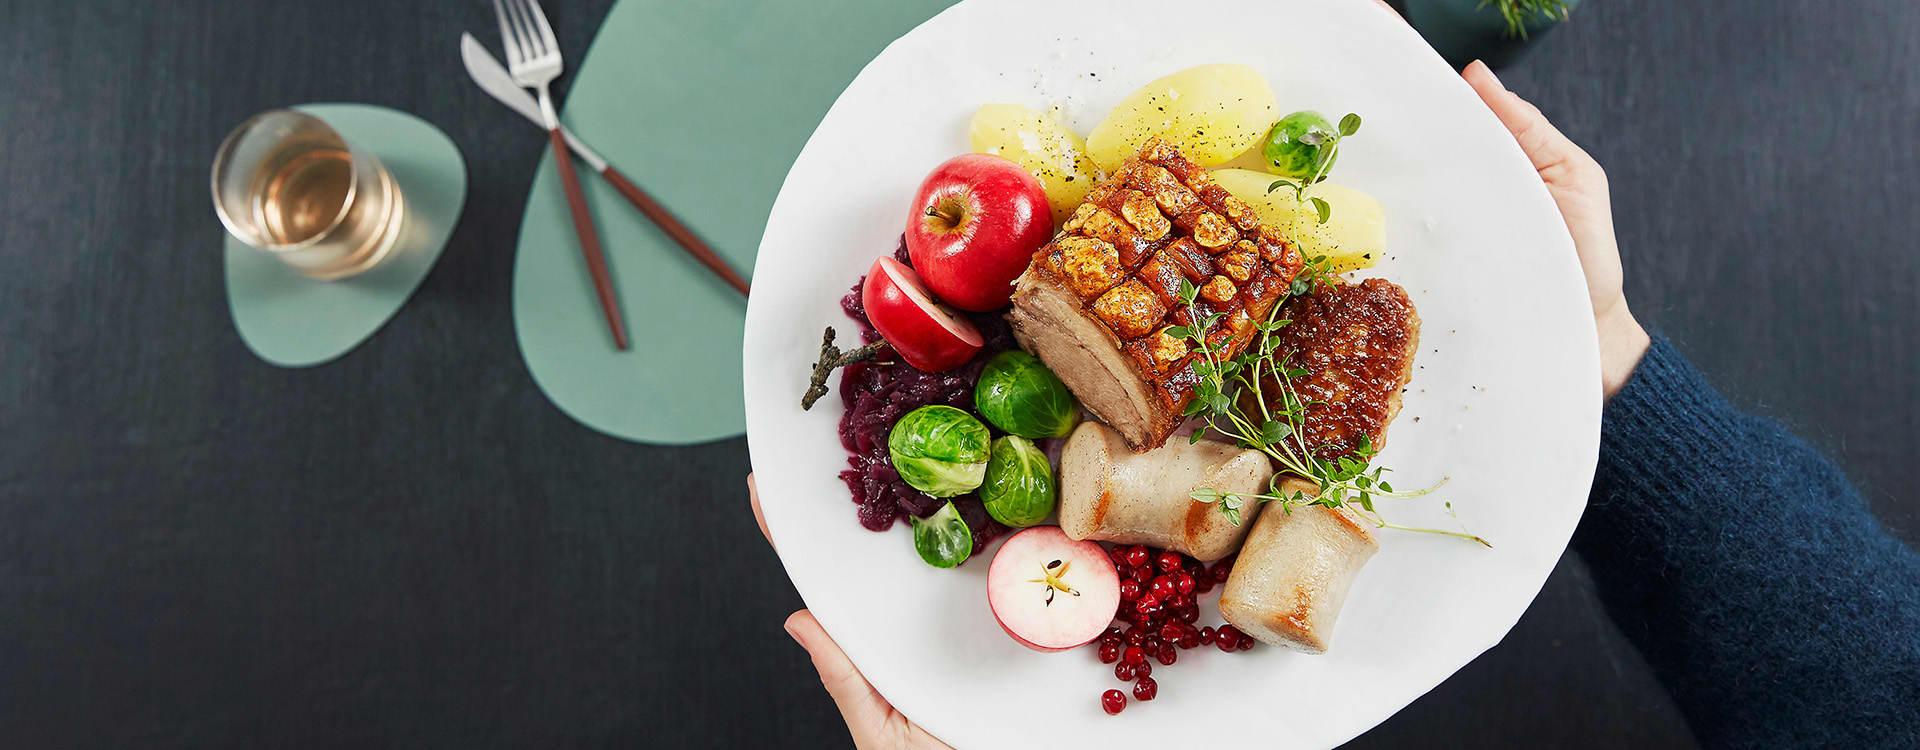 Klassisk ribbe med poteter og brun saus, rosenkål, epler og tyttebær